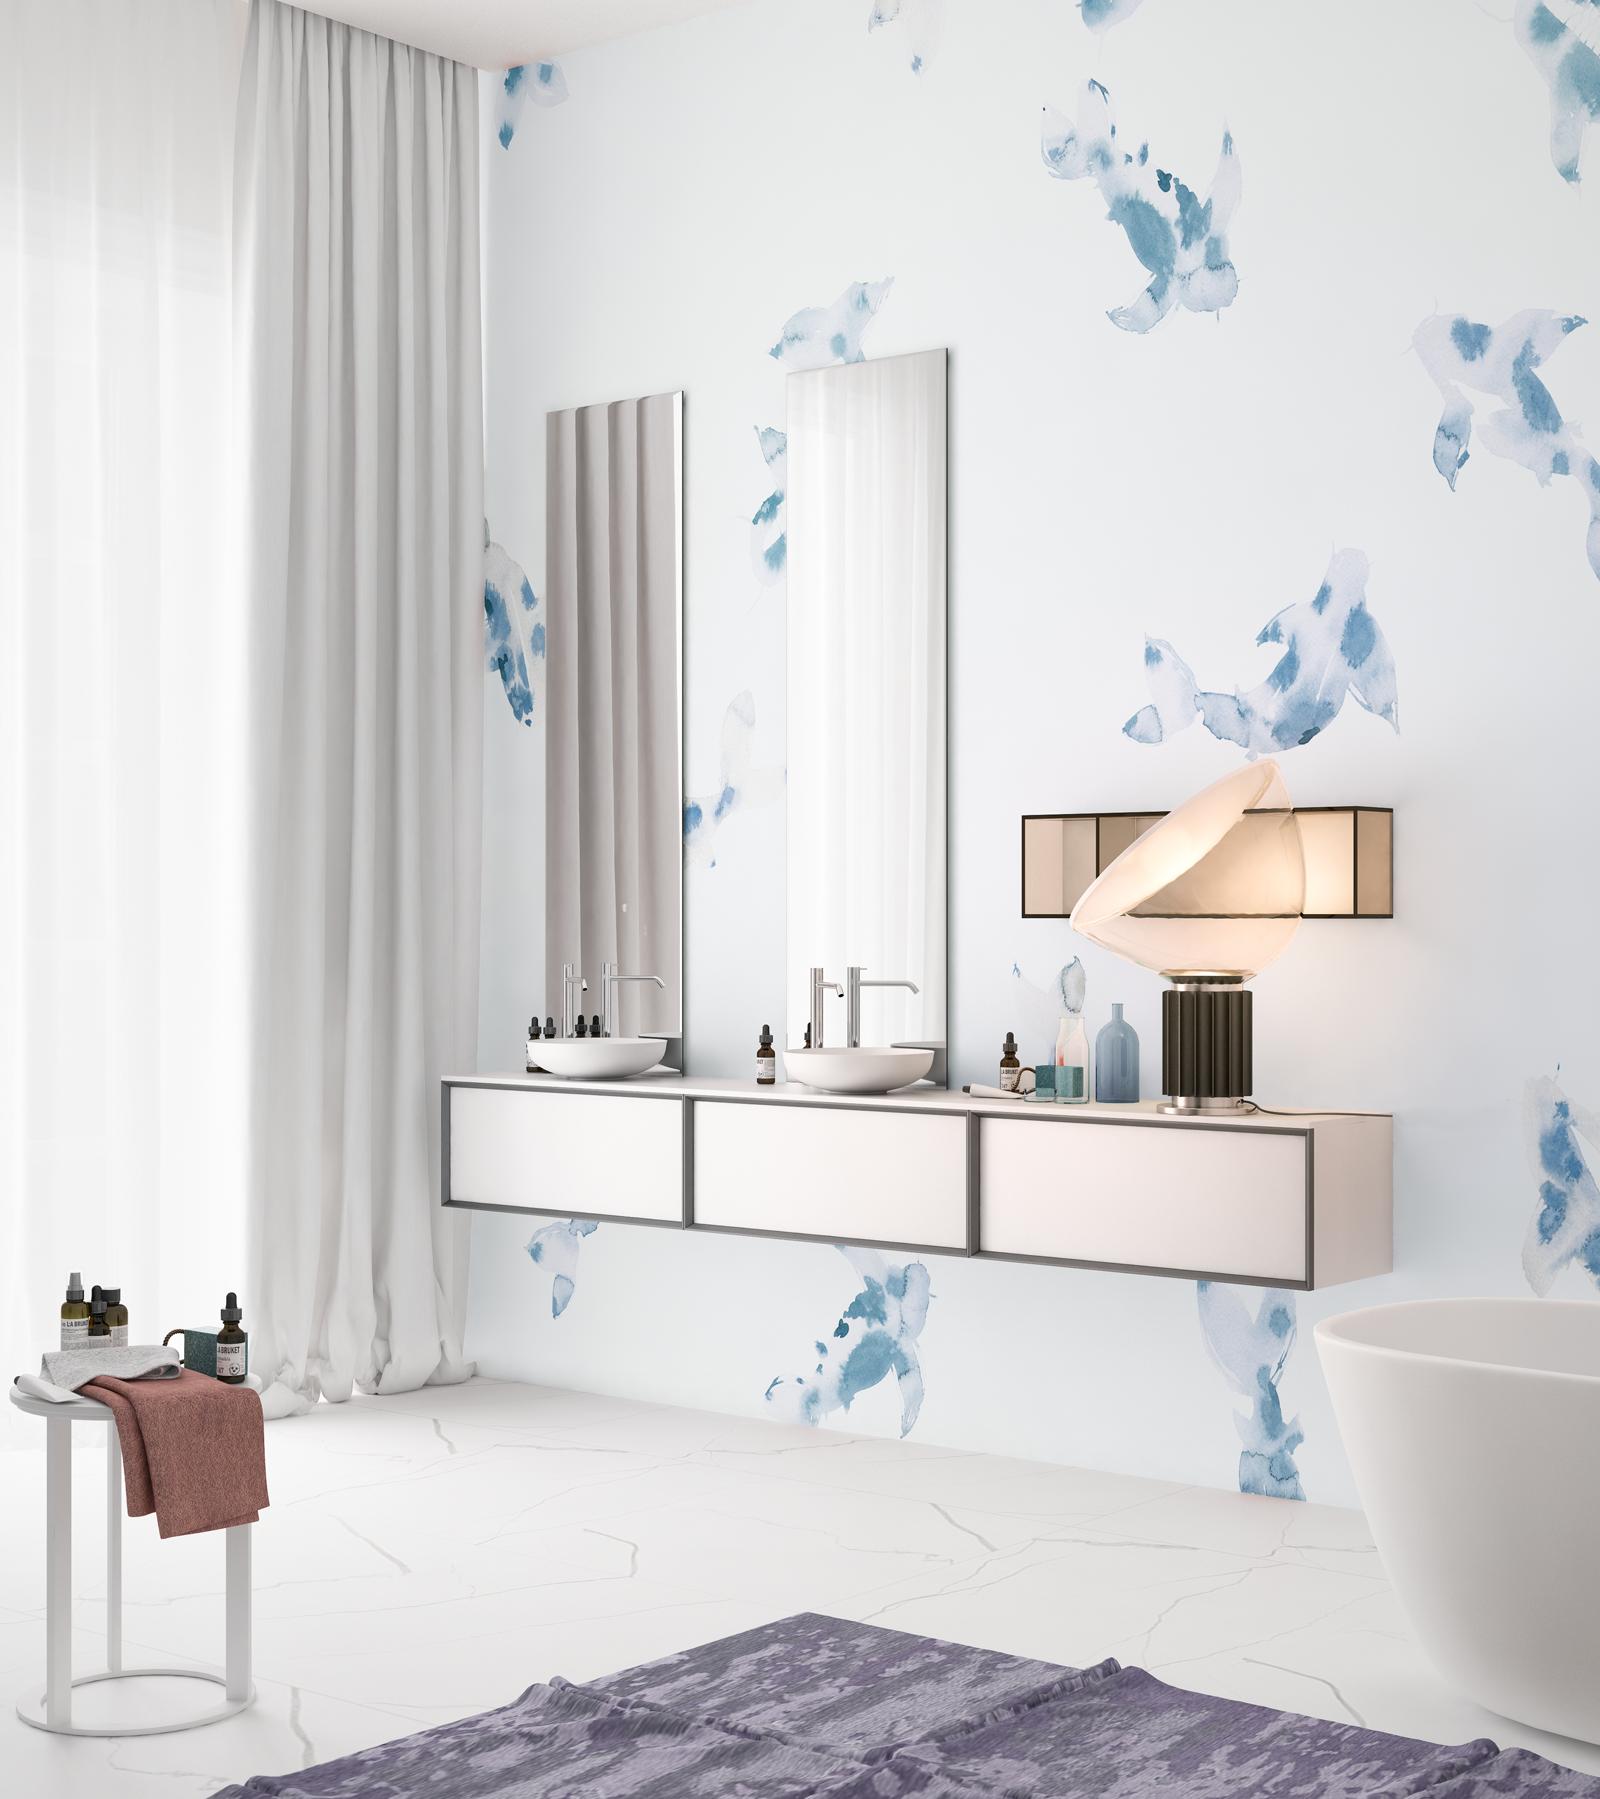 Ванная комната в современном стиле с принтом на стене